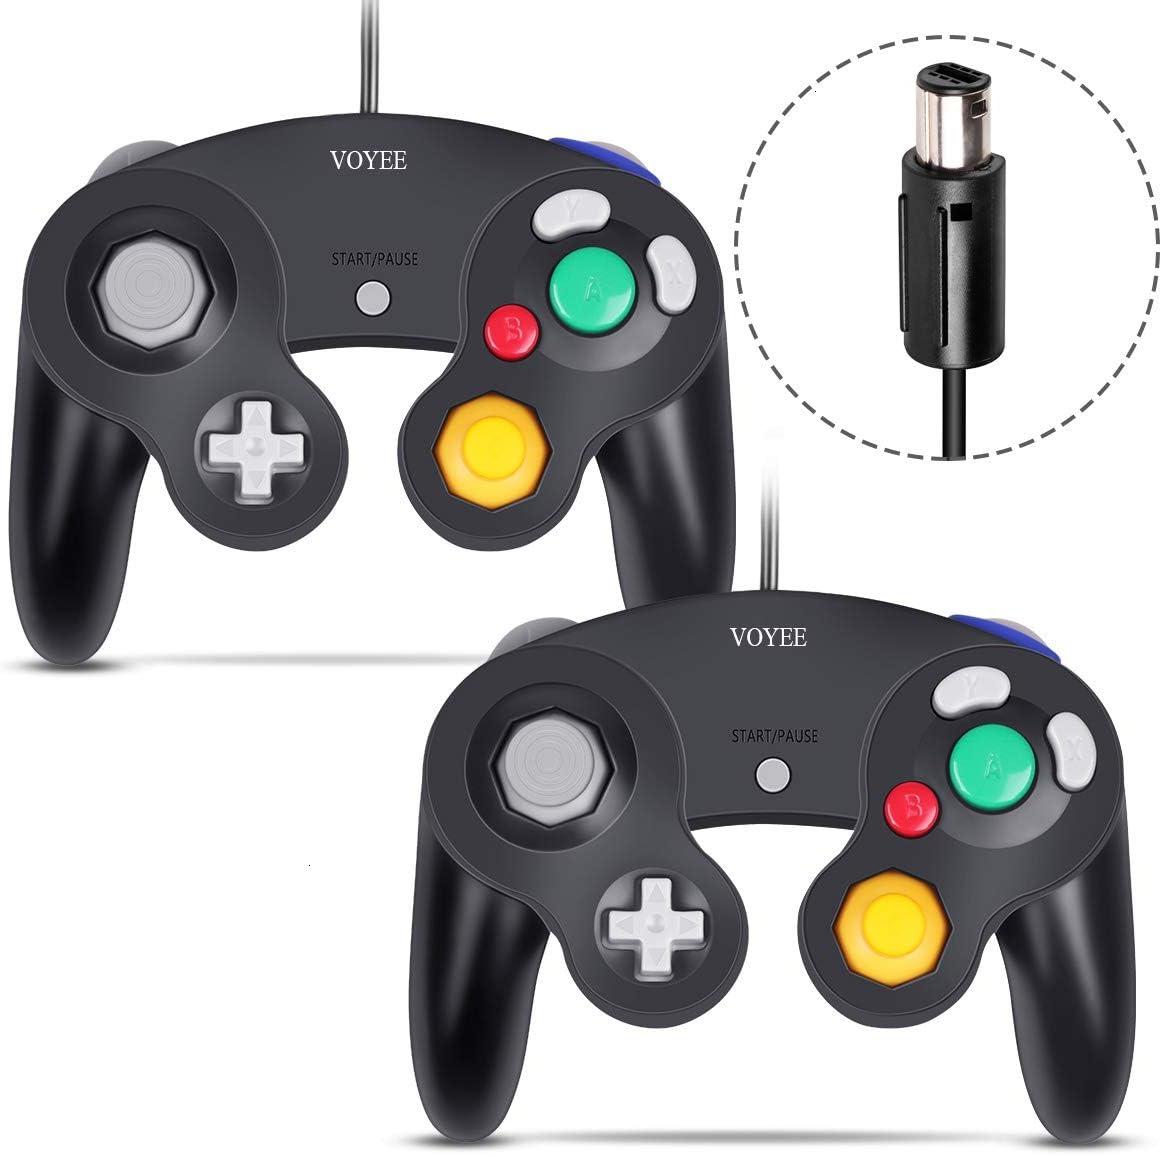 2 Controles Estilo Gamecube Para Gamecube Y Wii